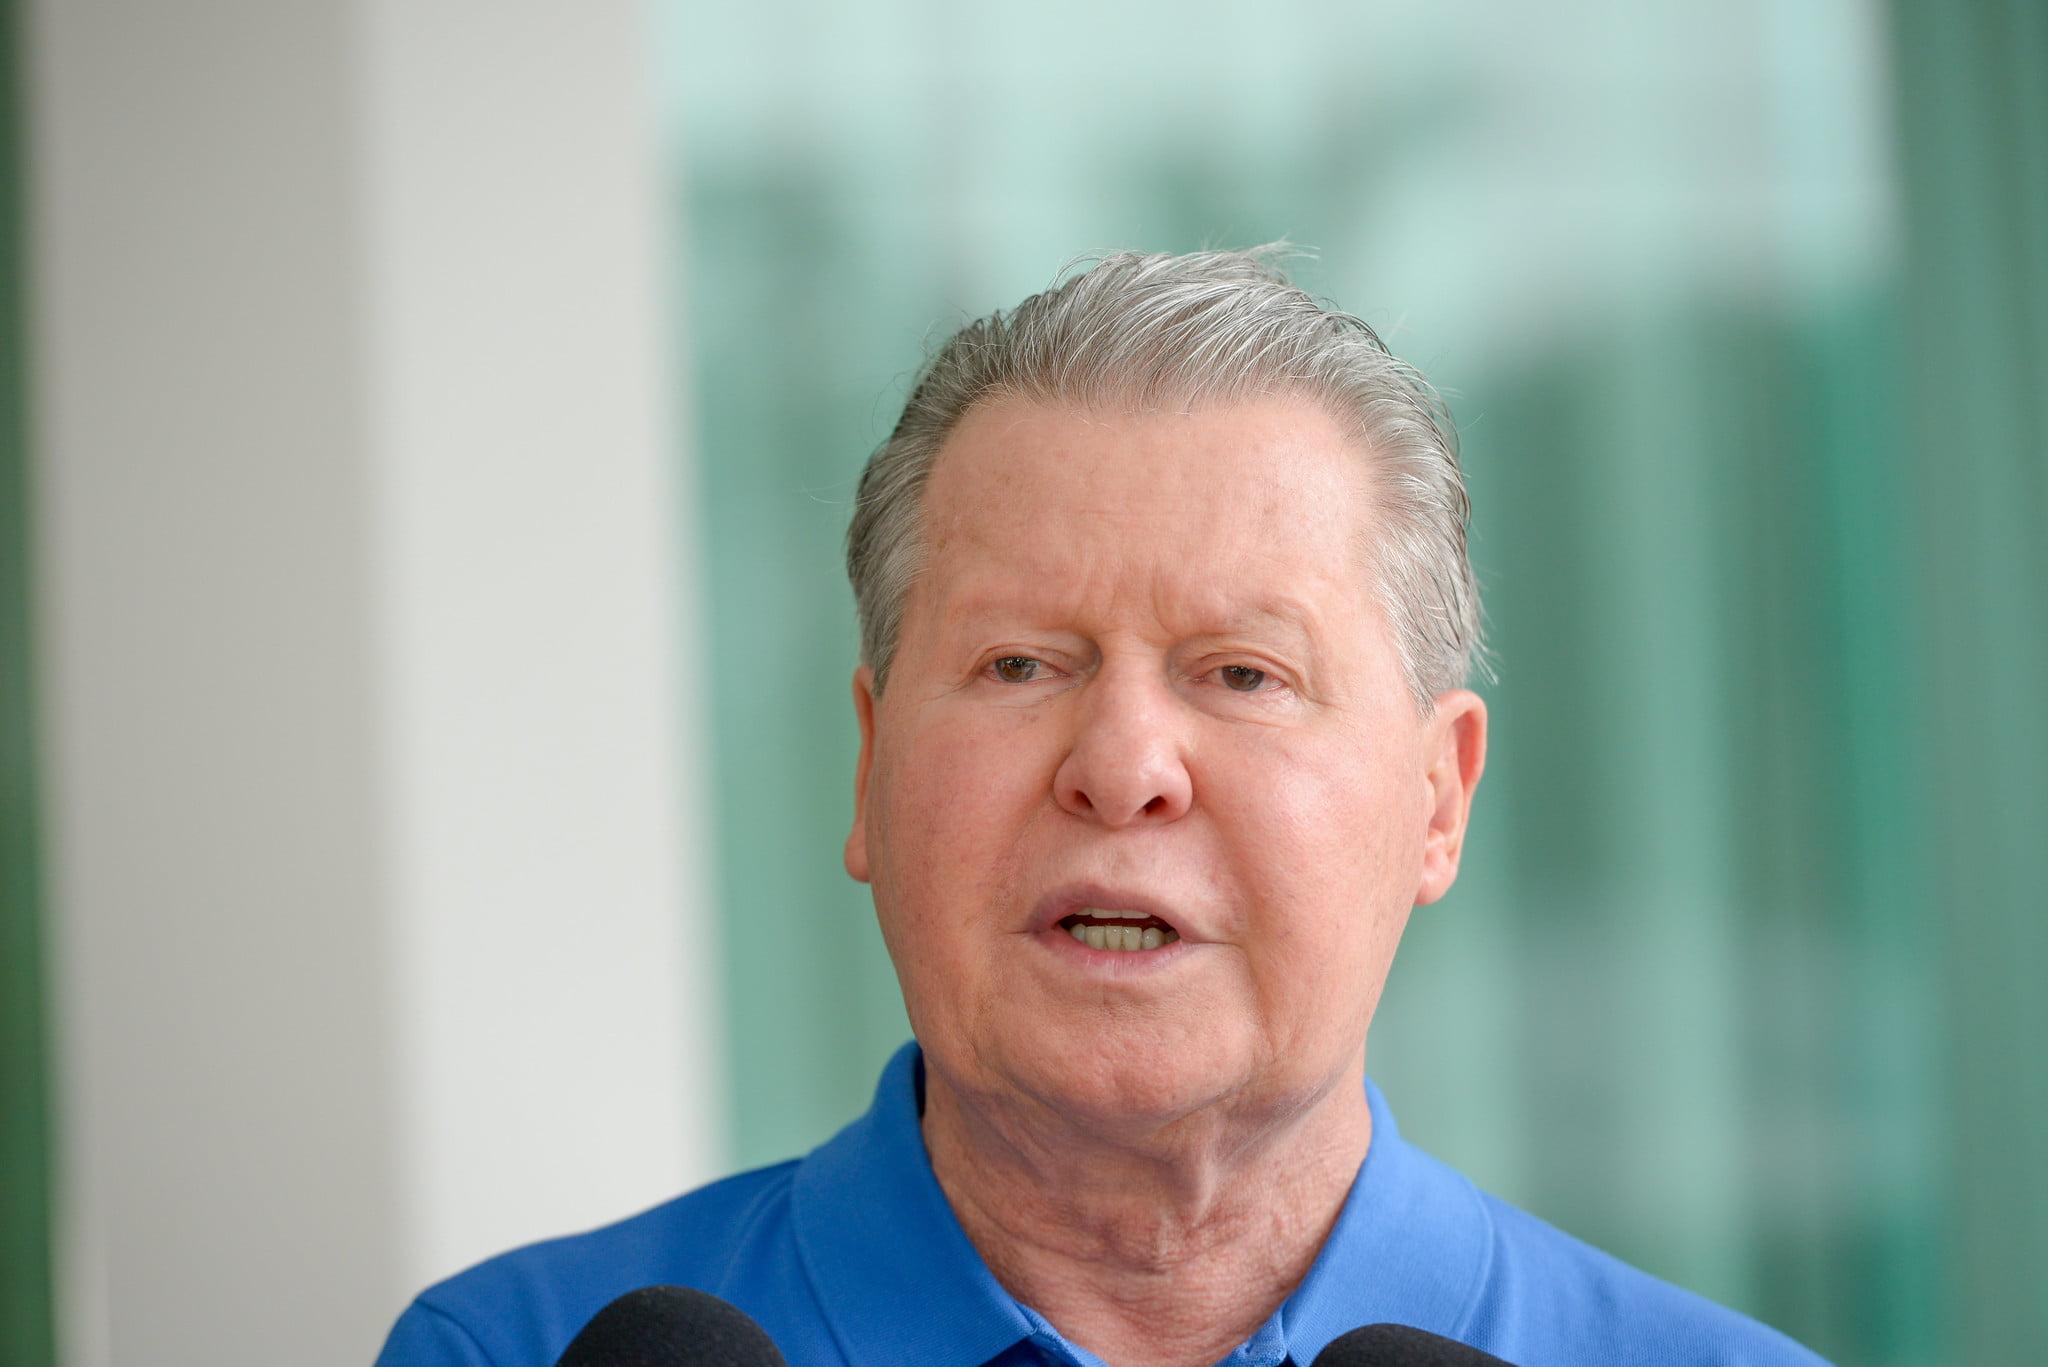 Prefeito parabeniza os 53 anos da Suframa e critica falta de ações do governo federal para Zona Franca